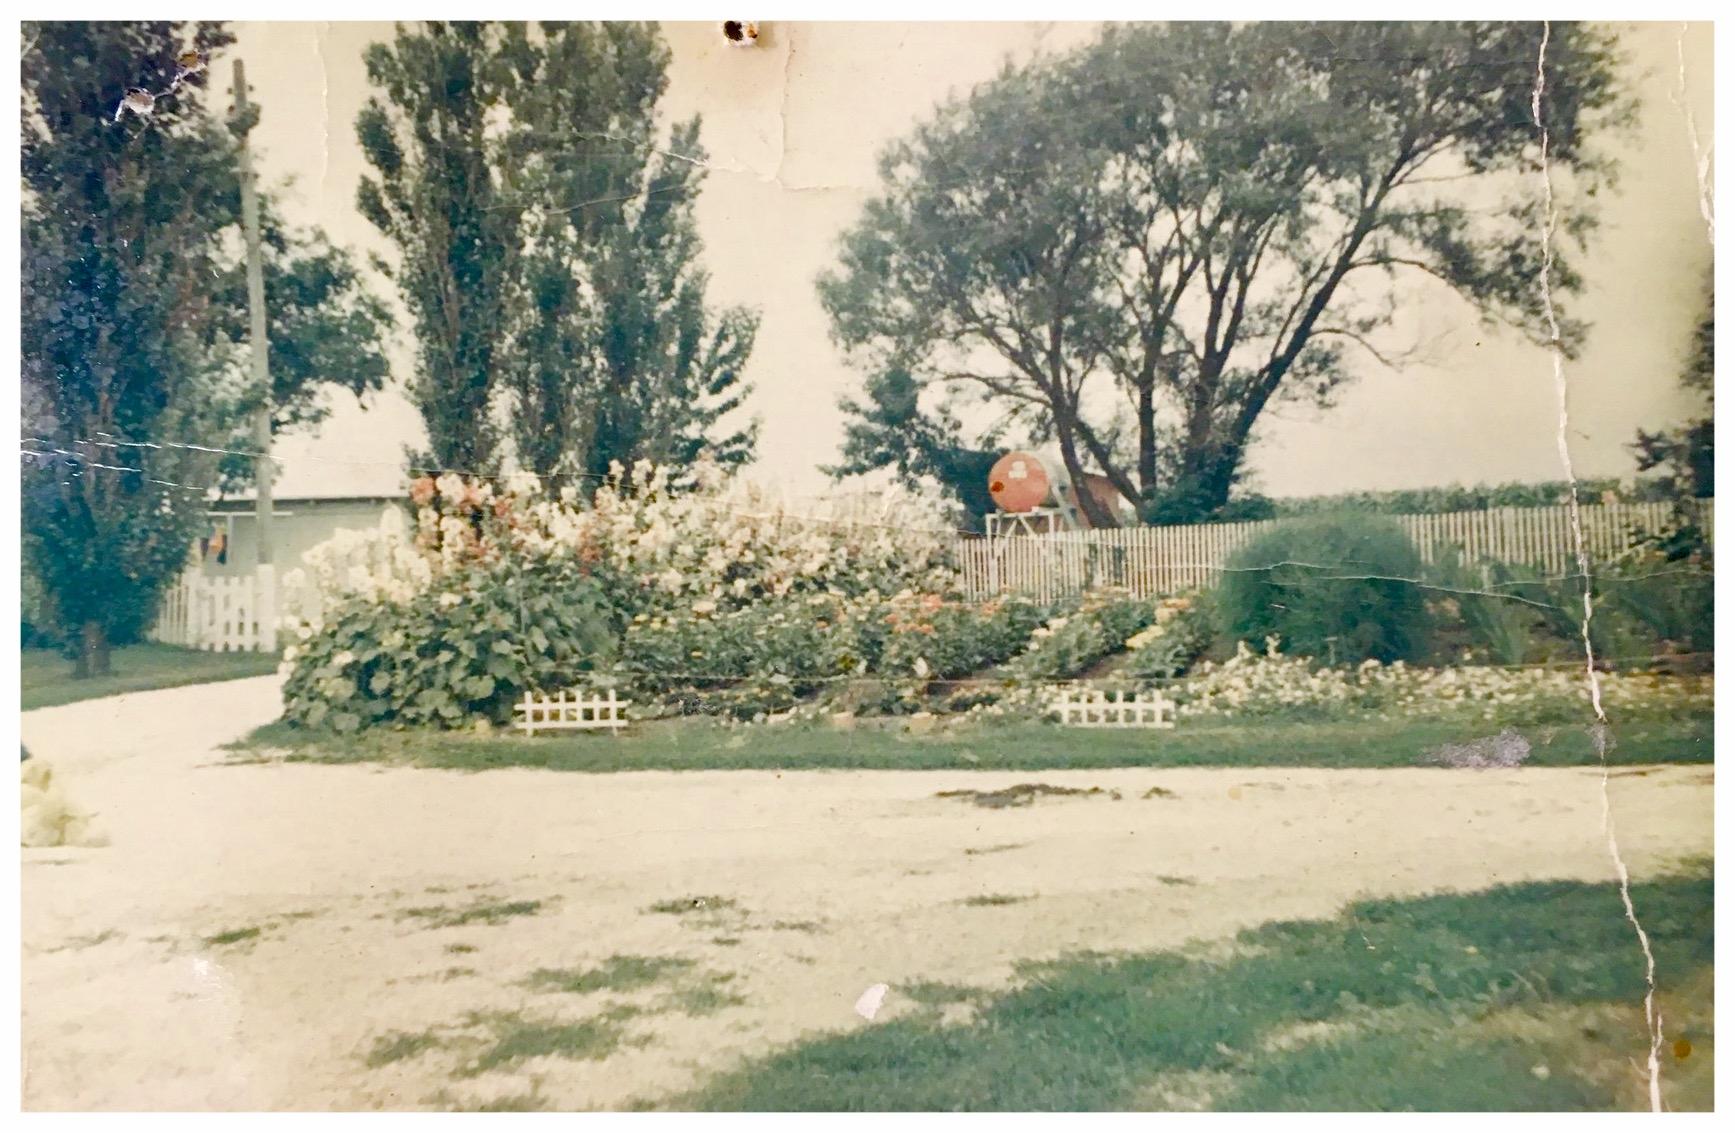 My Grandmother's garden in rural Iowa